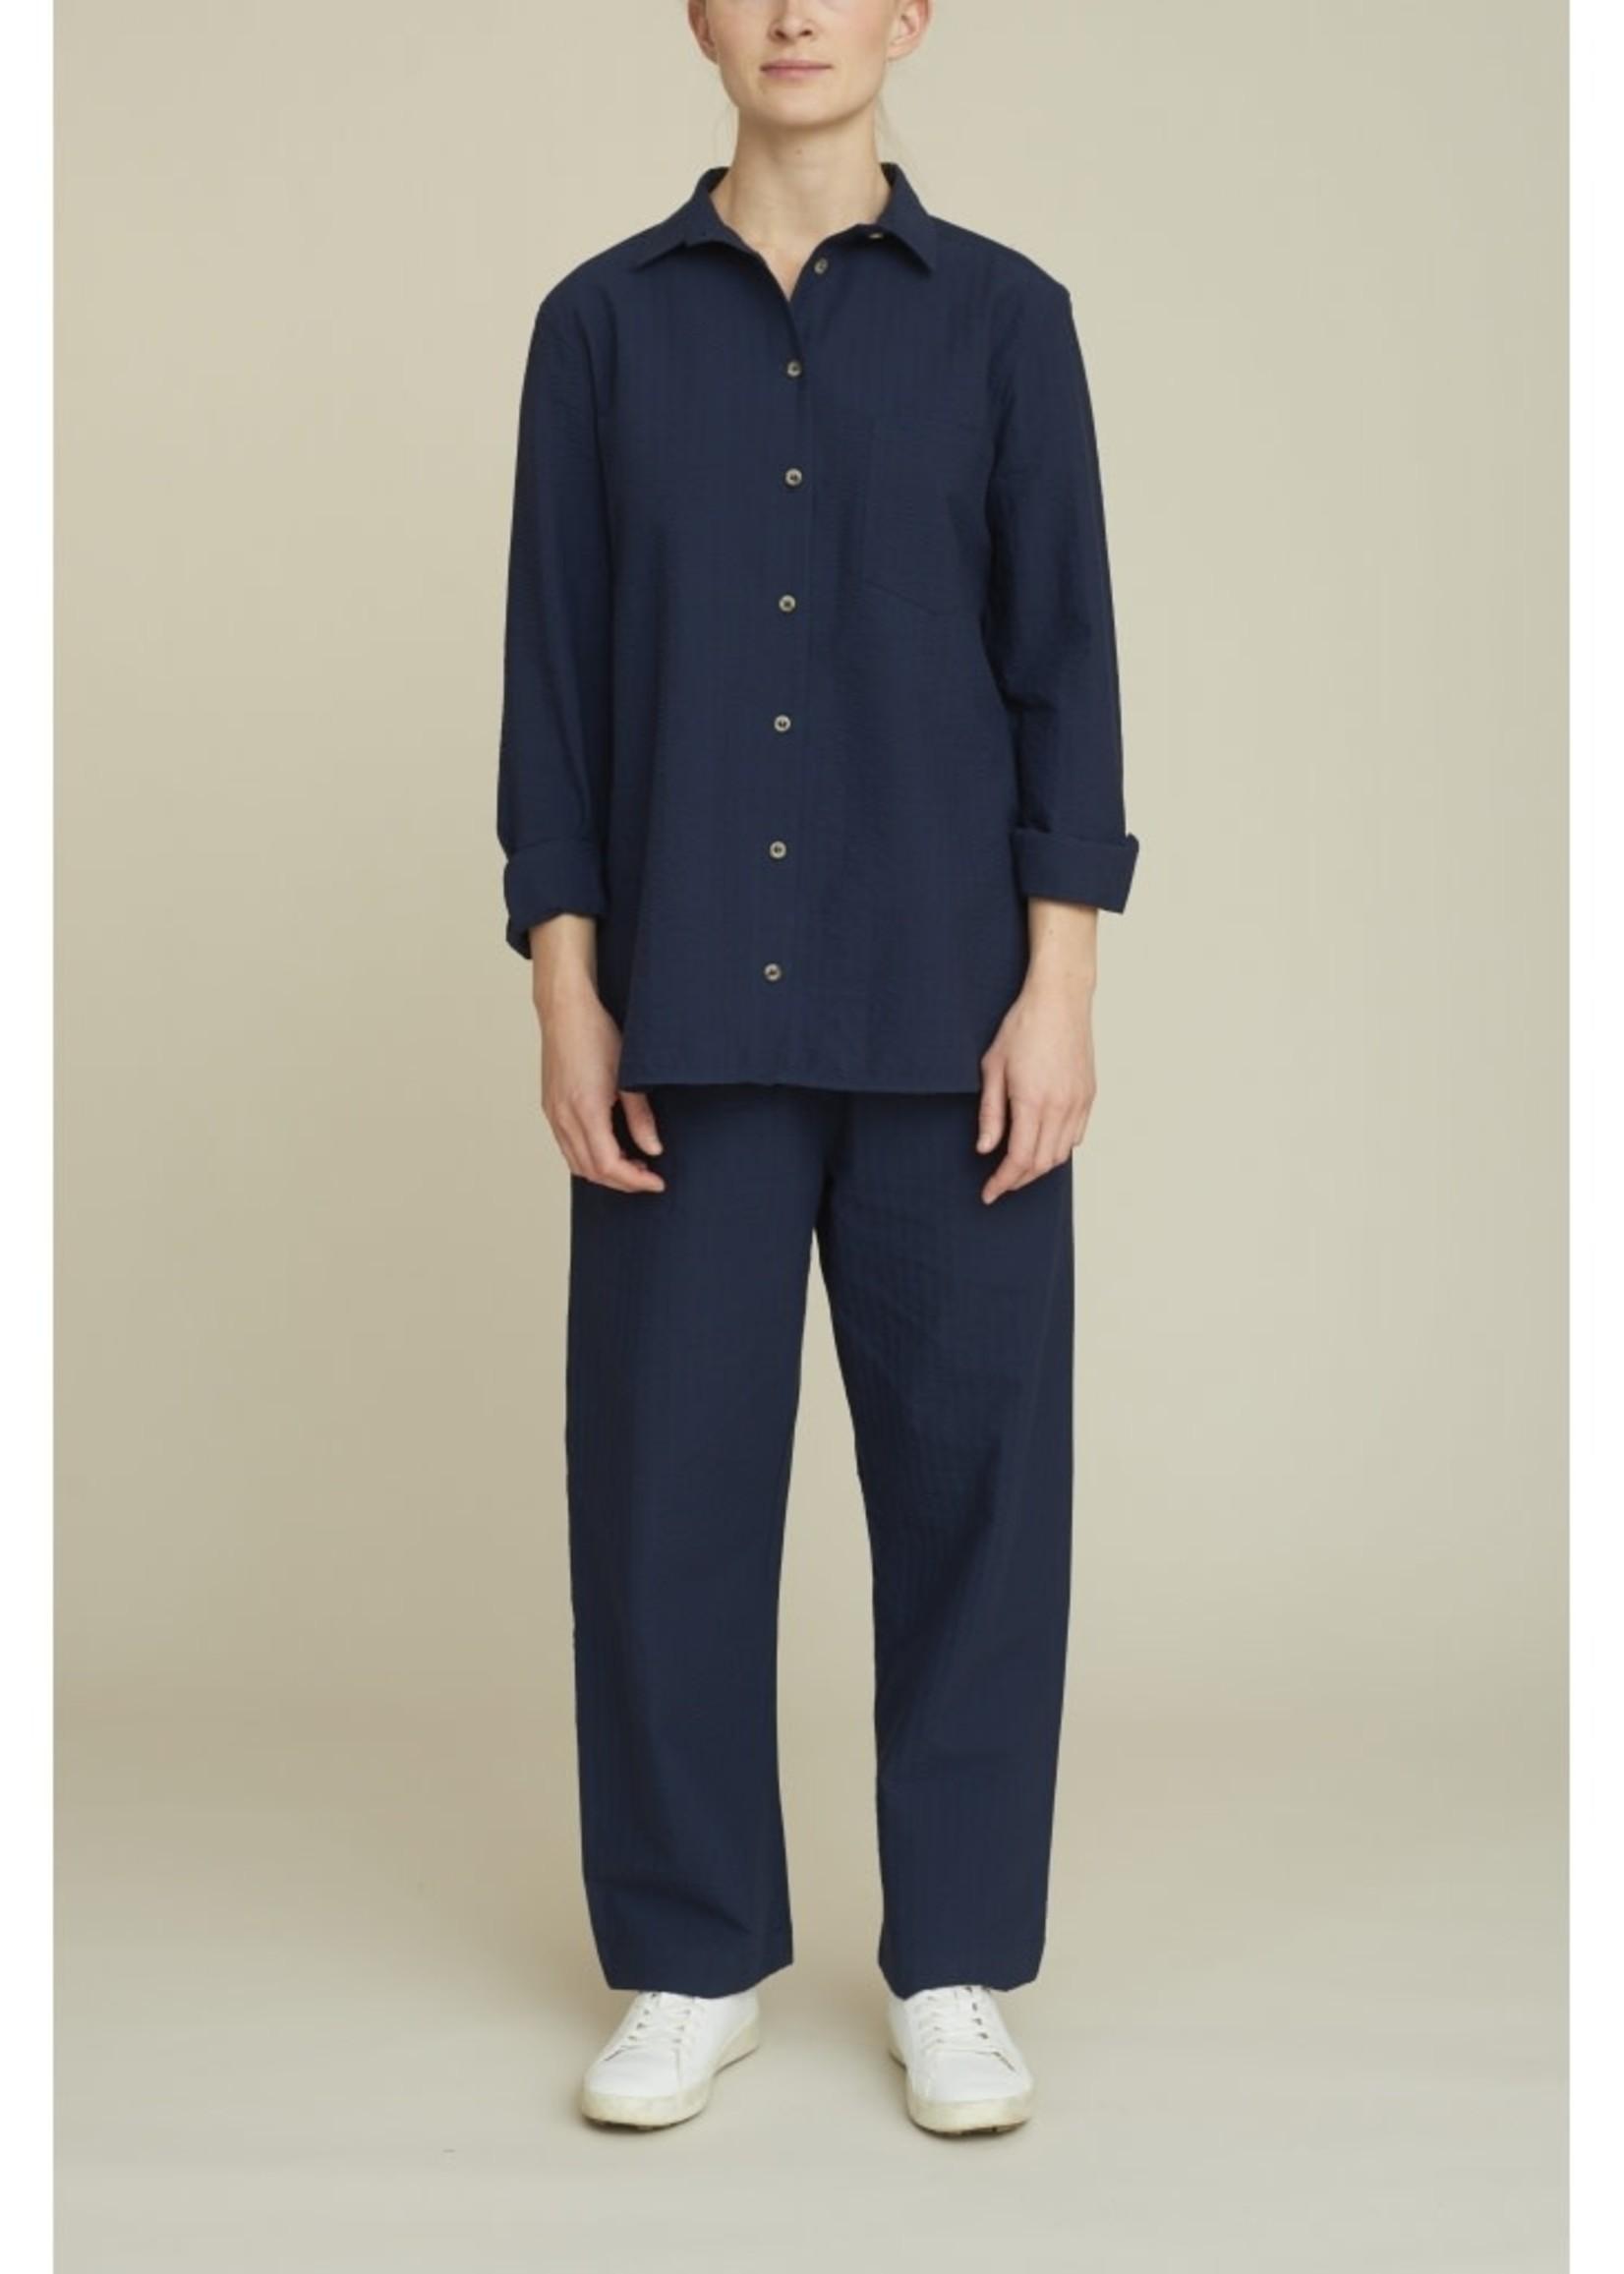 Basic Apparel Joan Shirt